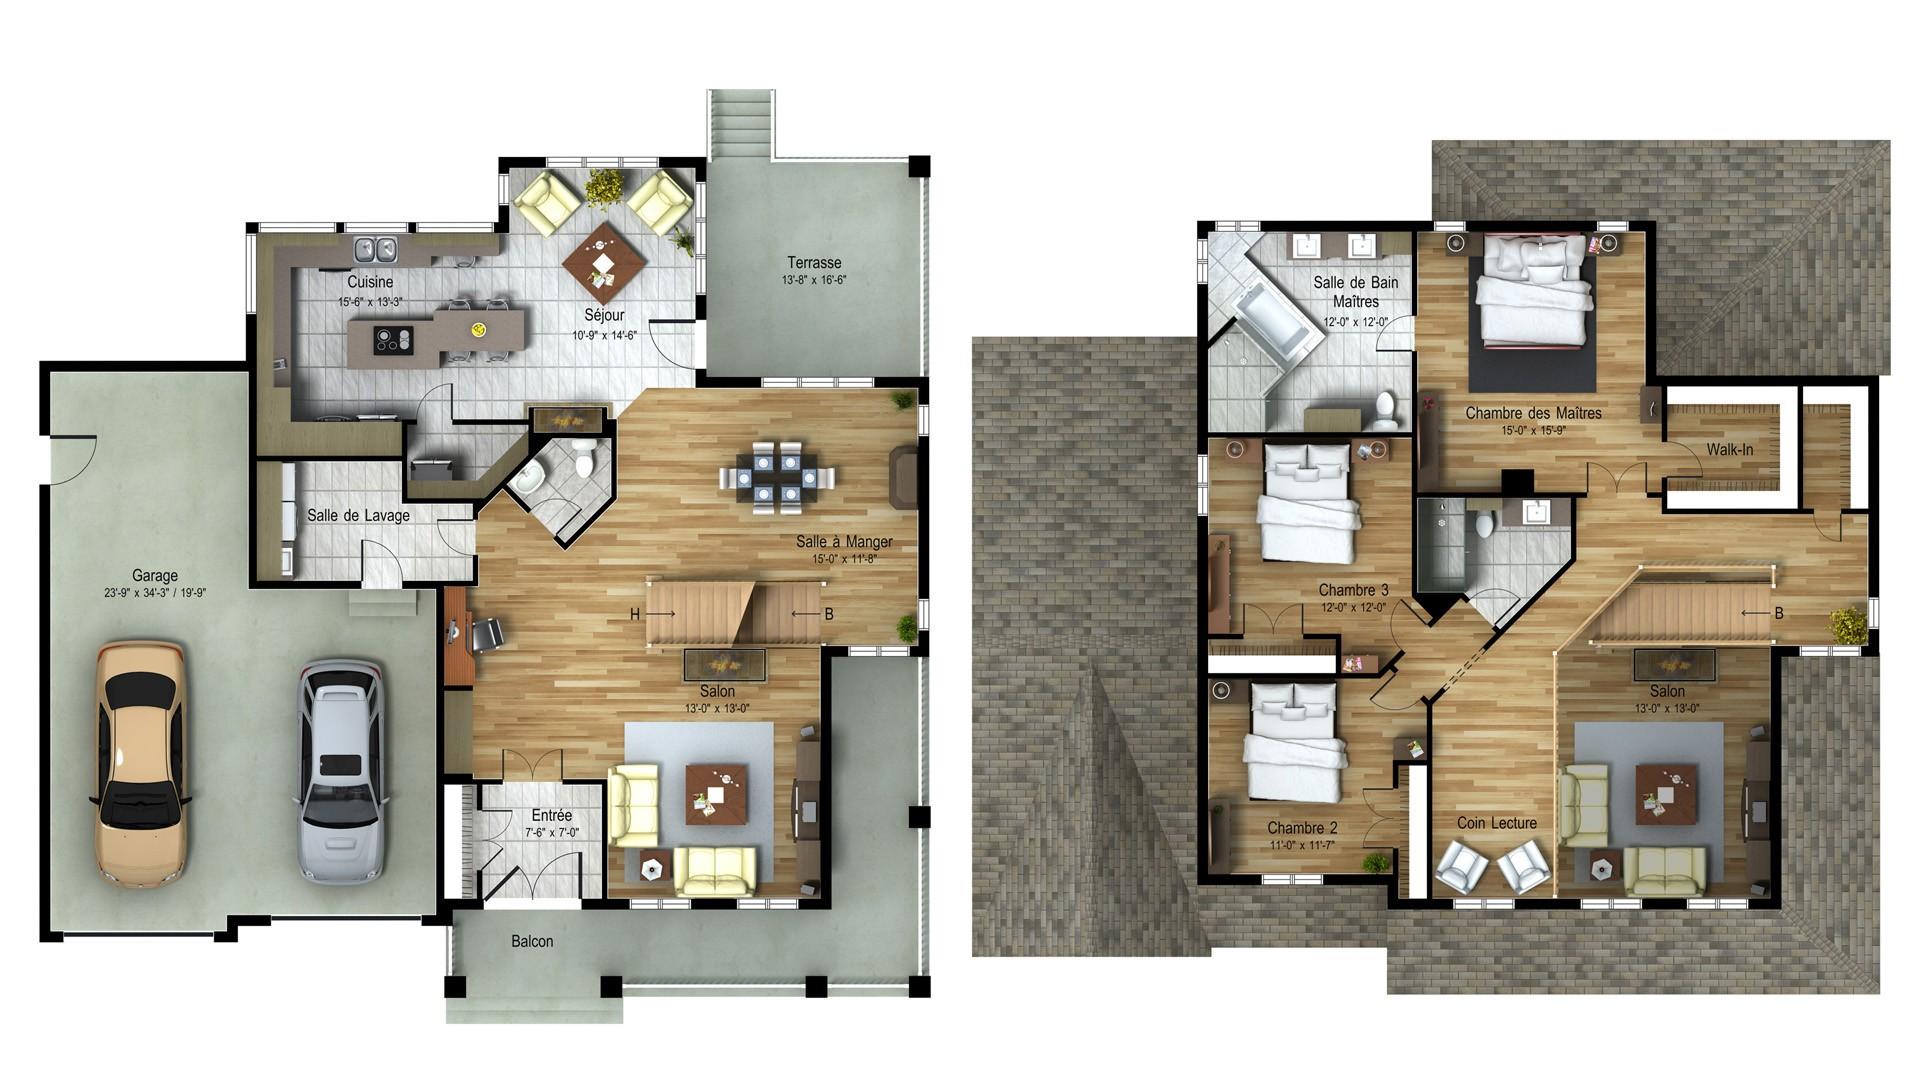 Cottage_Champetre_Cape-May_Plan maison de prestige_Domicil